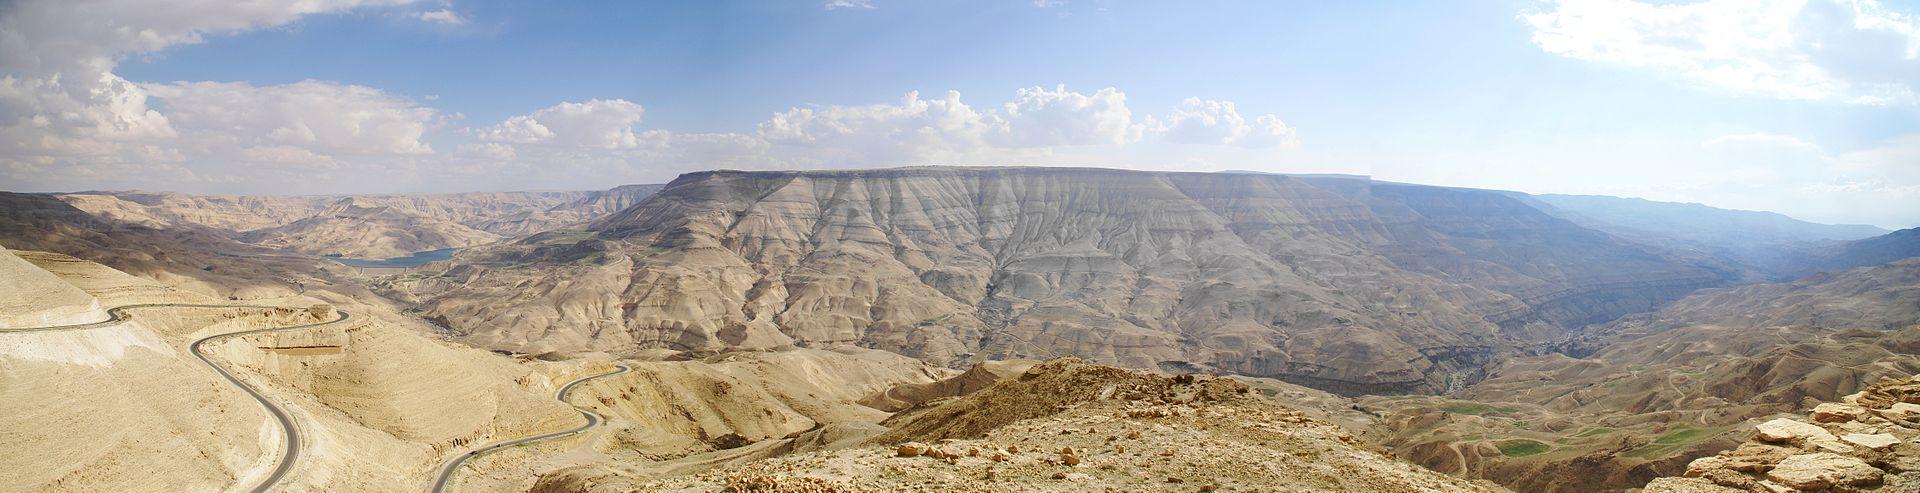 上图:亚嫩河就是现代约旦的Wadi Mujib旱溪,从东向西流入死海中部。左边是Al Mujib大坝,右边通往死海。